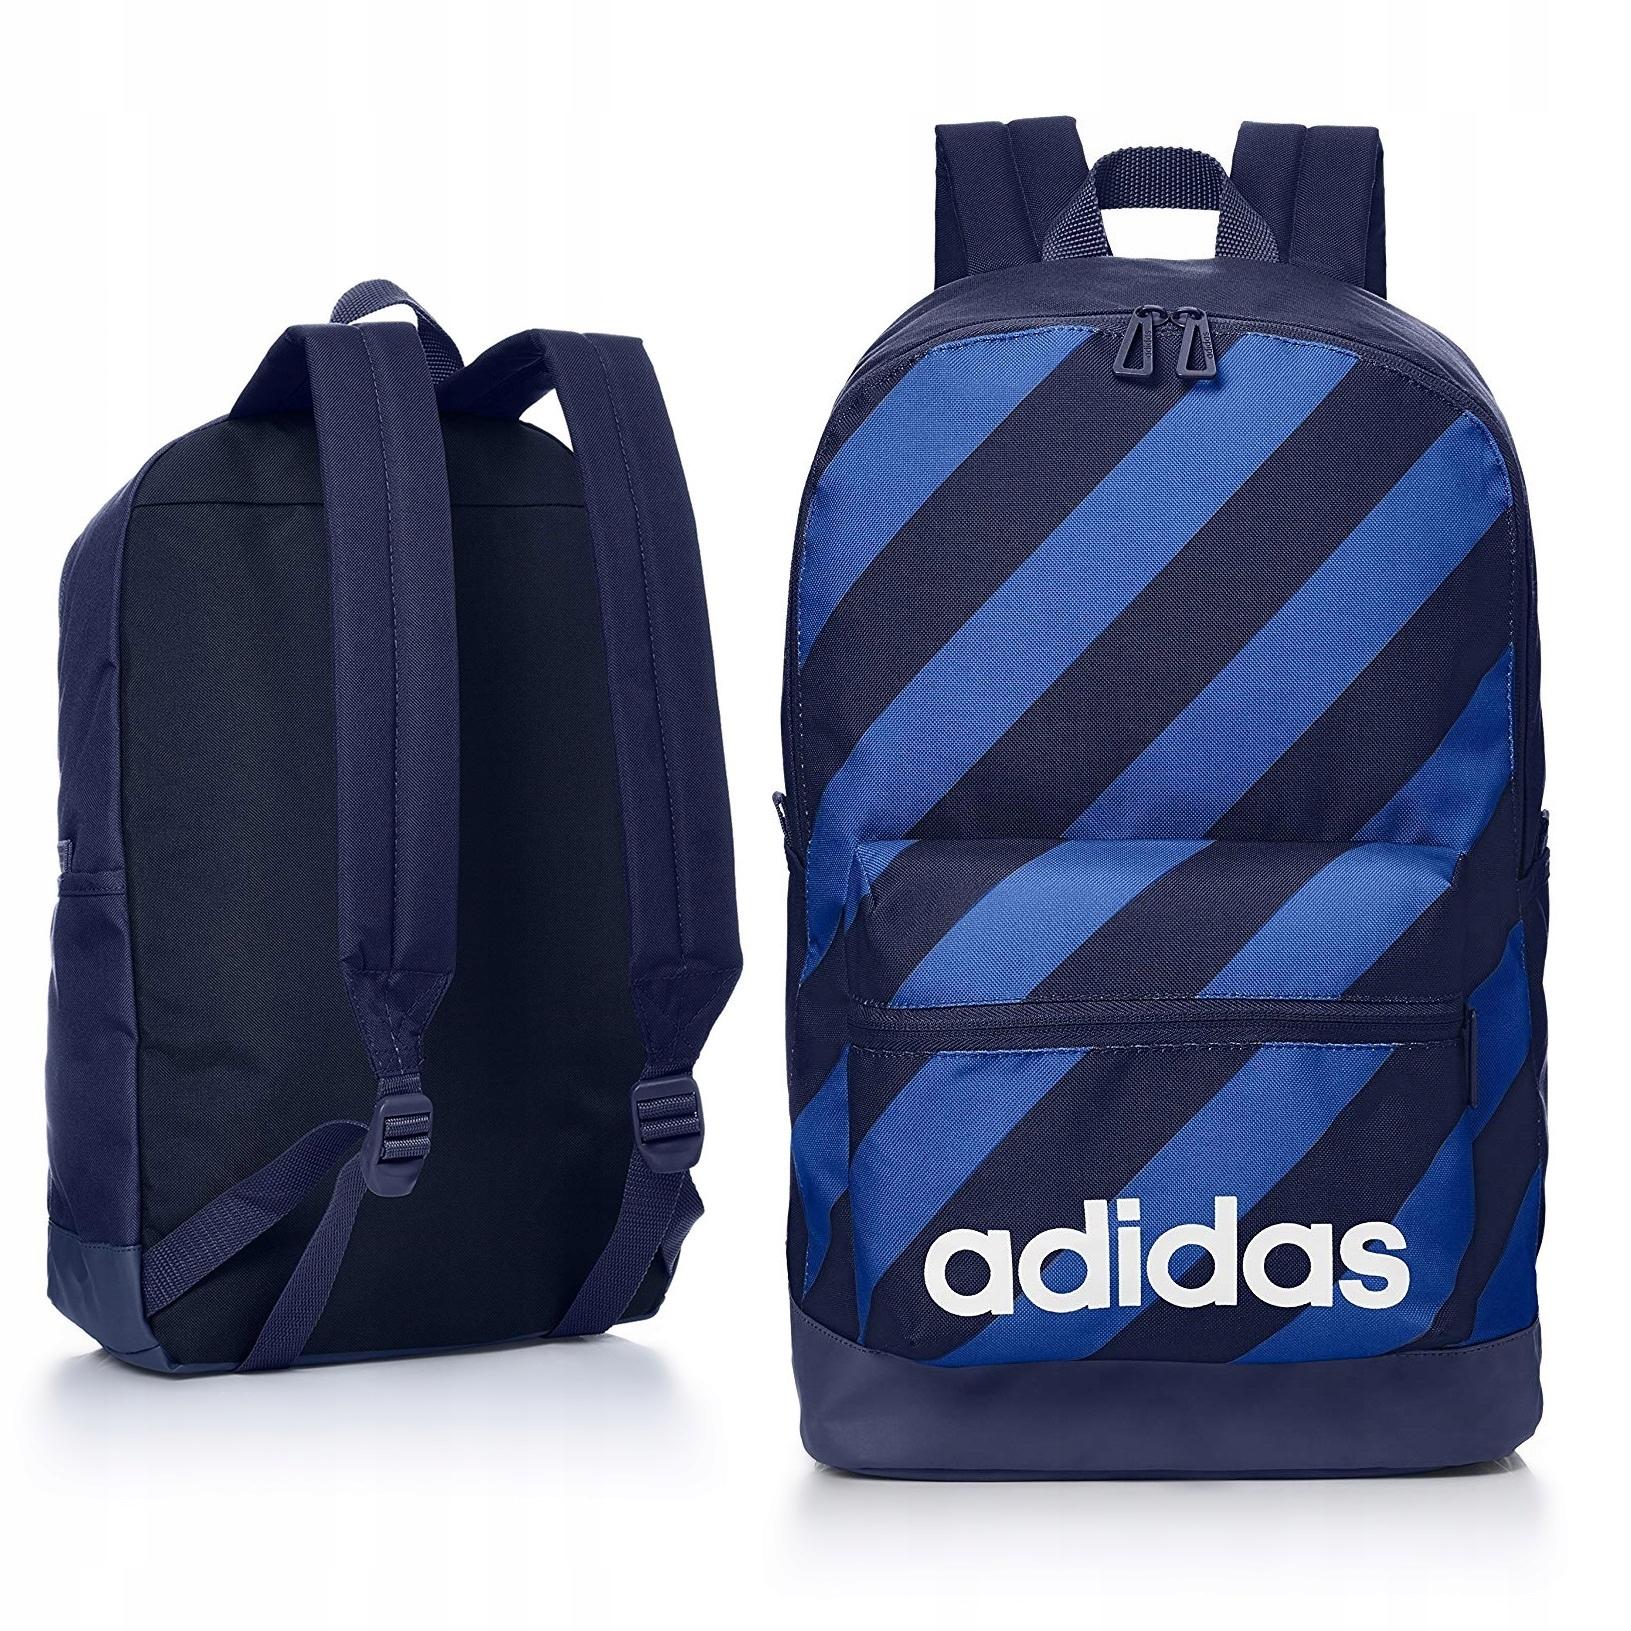 335350526 Plecak Adidas DM6123 Trening worek szkolny Sportow - 7648500345 ...